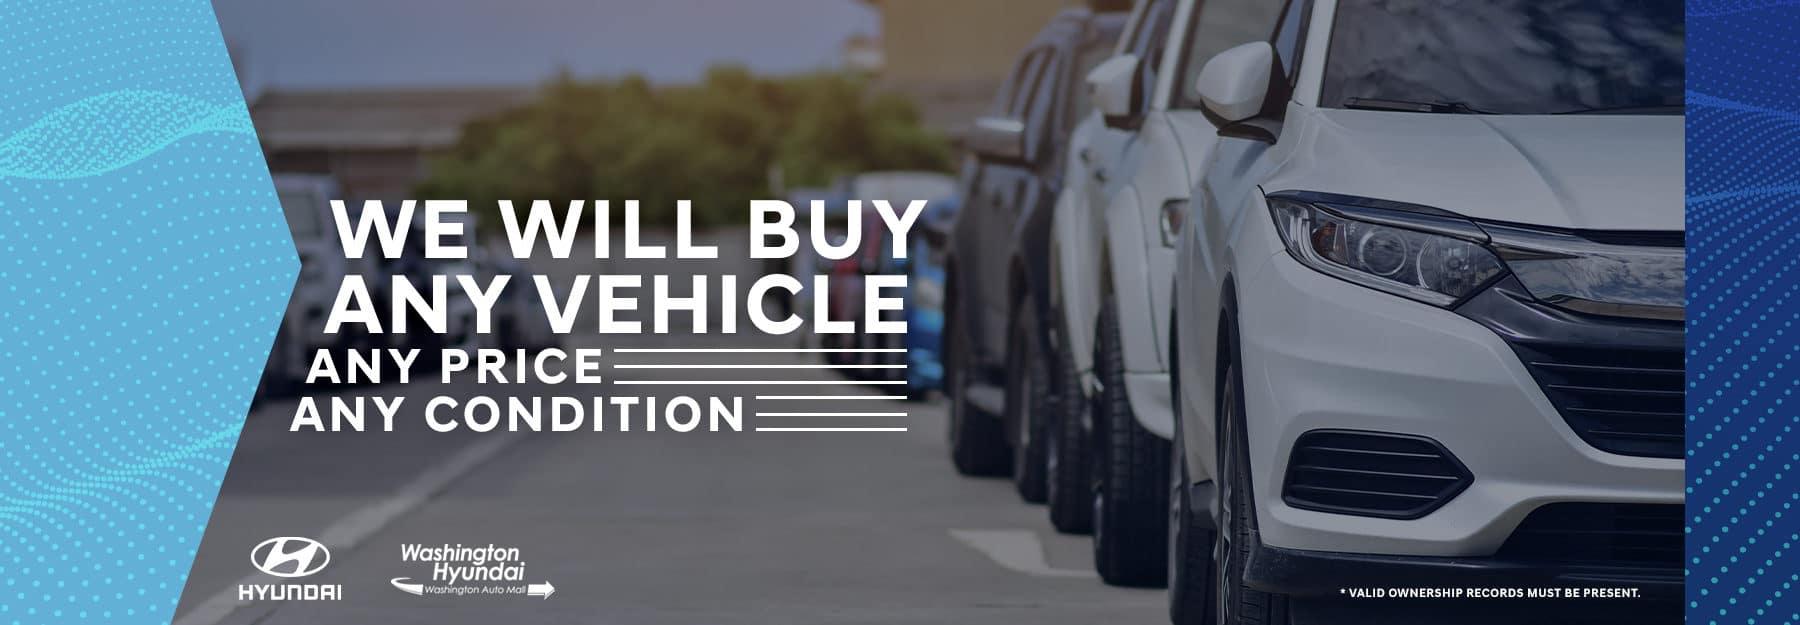 buying any vehicle